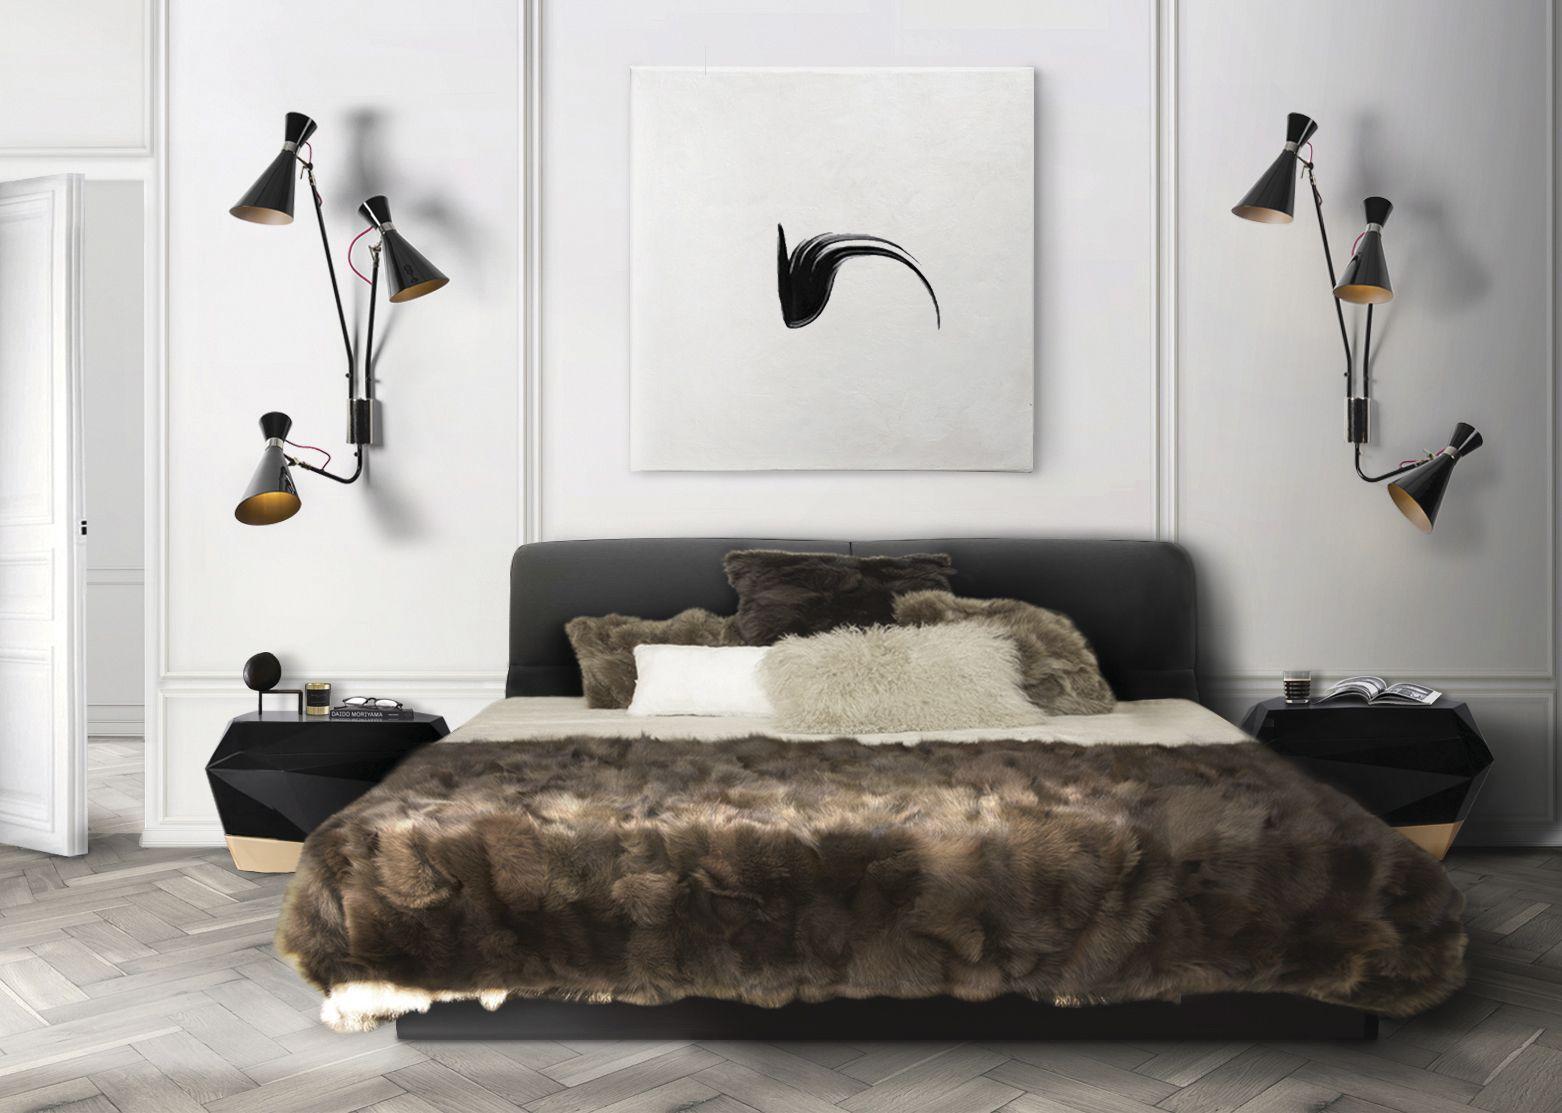 Die Neue Luxus Schlafzimmer Deko Tendenzen 2017 U003e Entedecken Sie Die  Erstaunliche Luxus Tendenzen 2017  